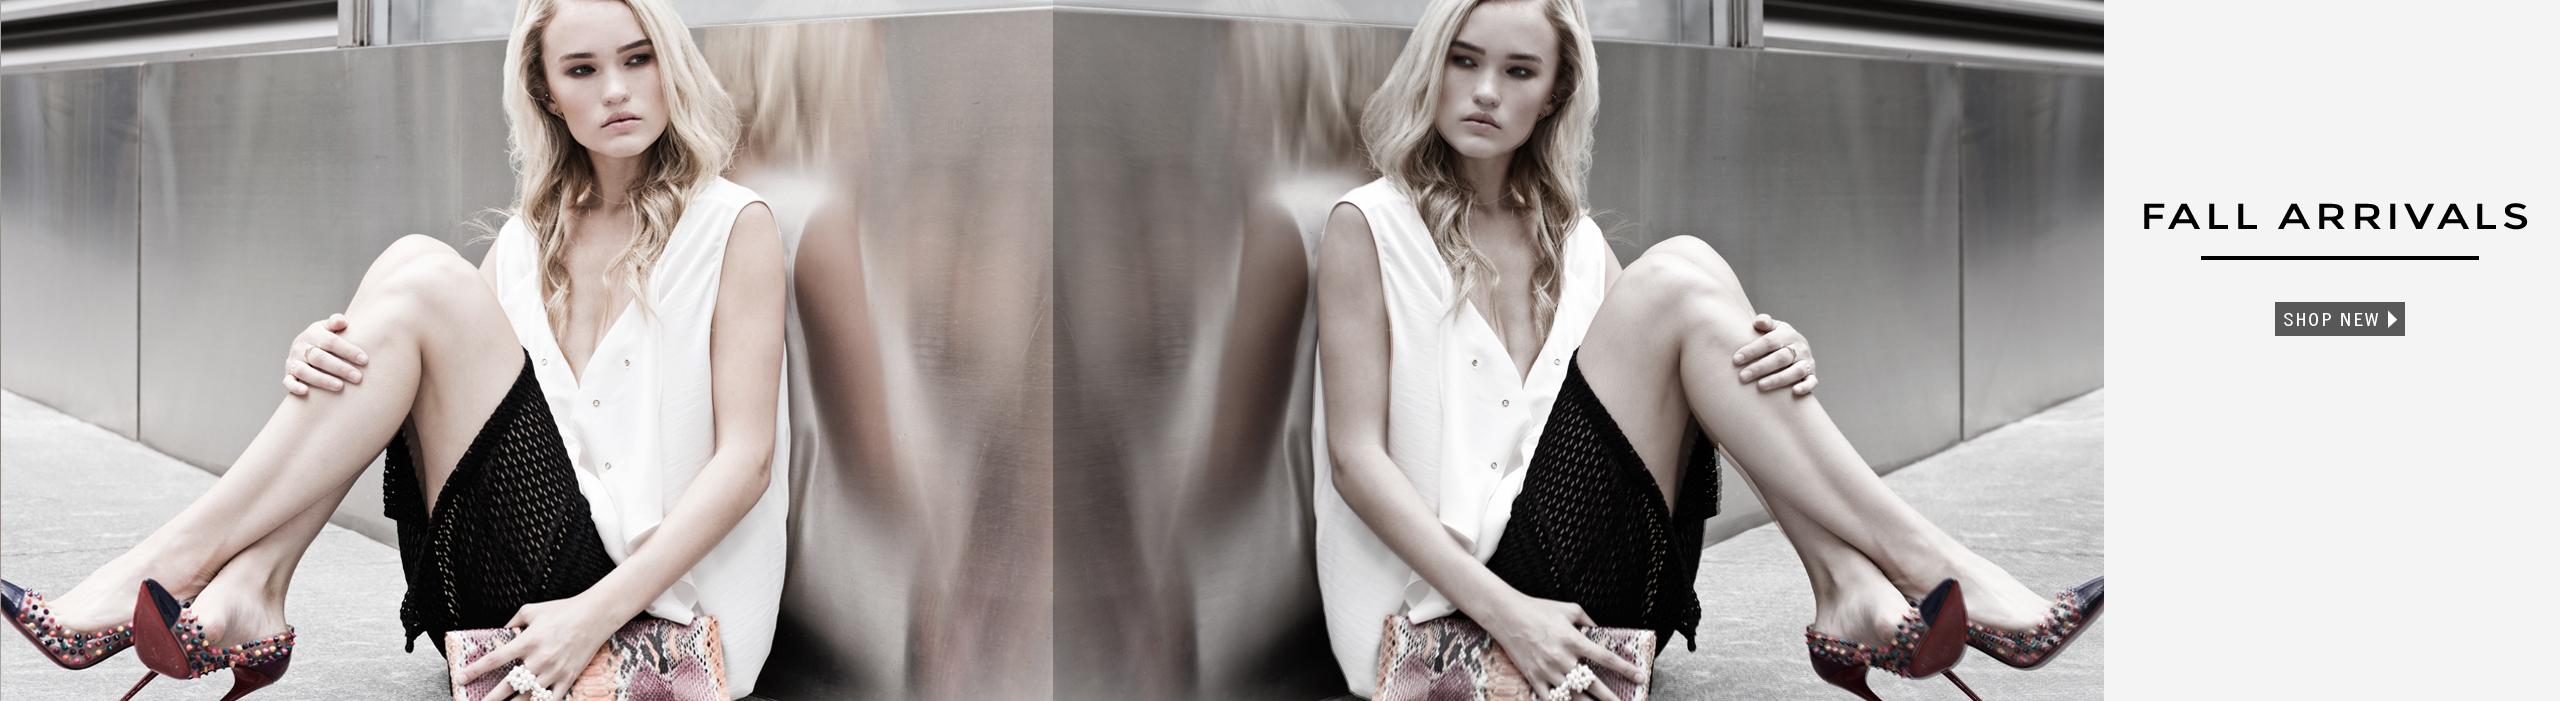 PRIMARY NEW YORK | Online Destination for Fashion Essentials